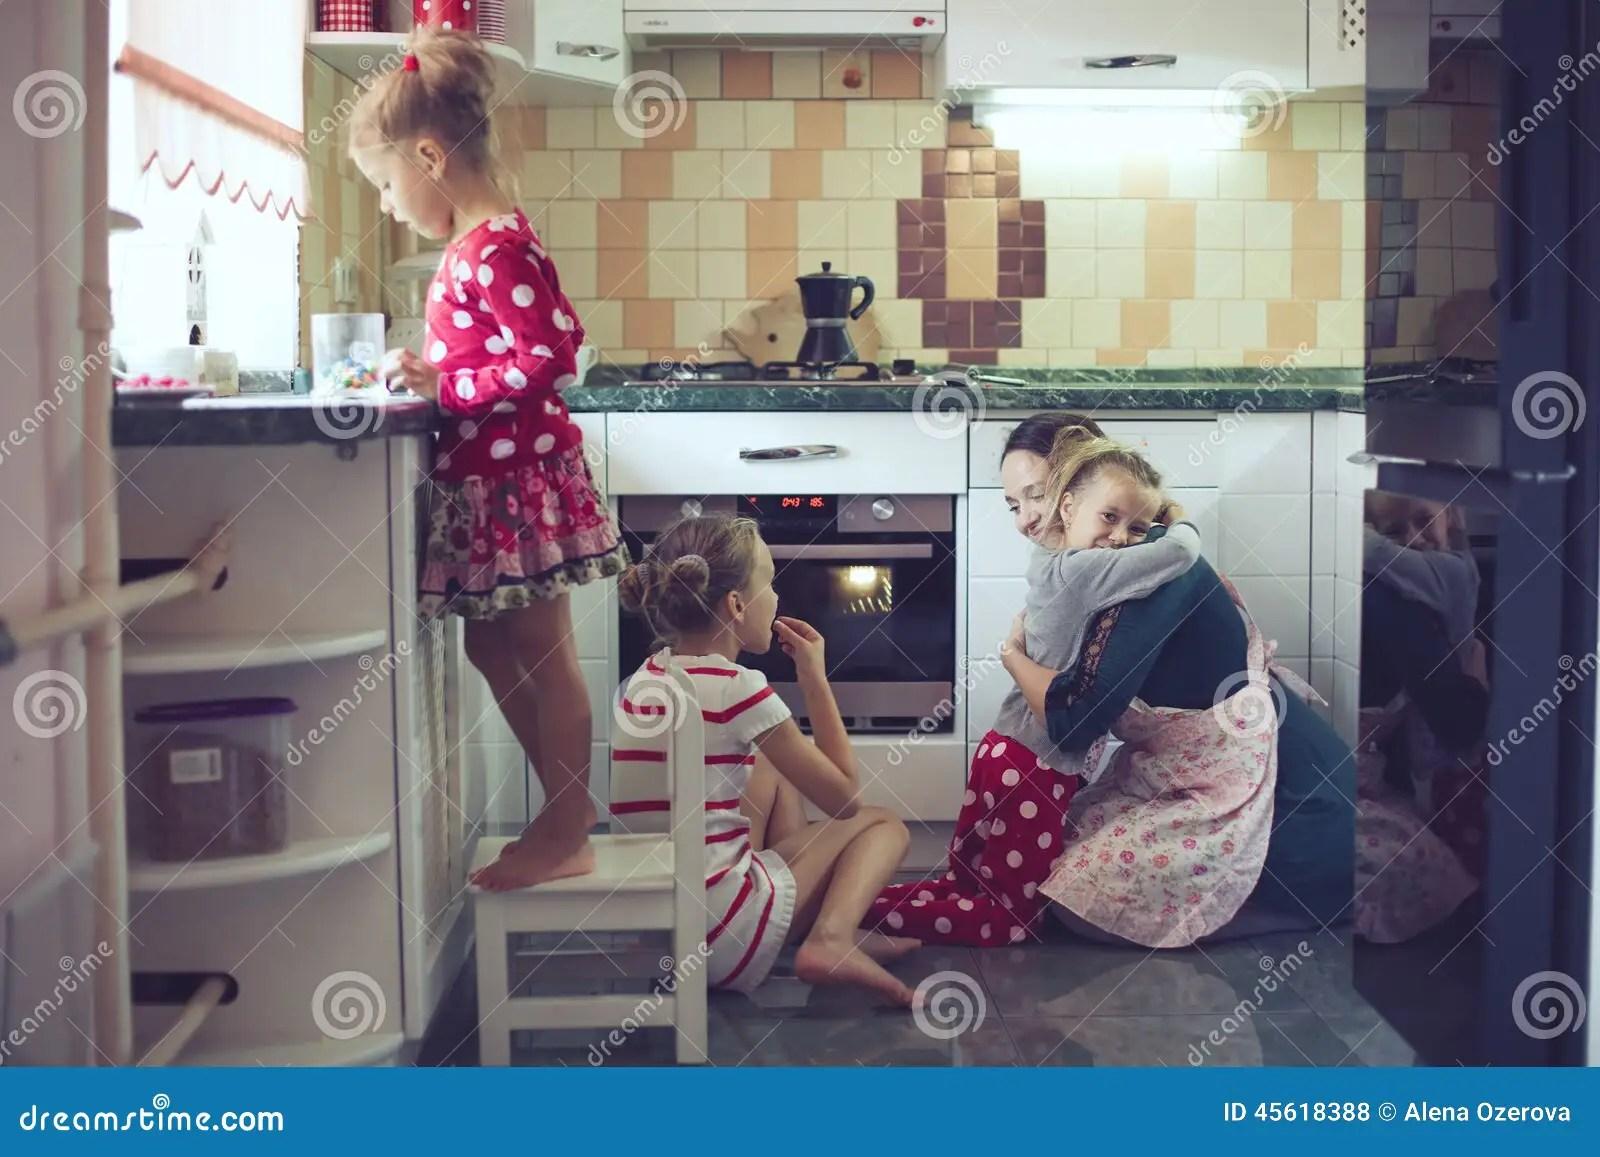 Kinder Küche Kirche | Die Drei K Kinder Kuche Kirche Jaguar Land Rover Will Ceremonially